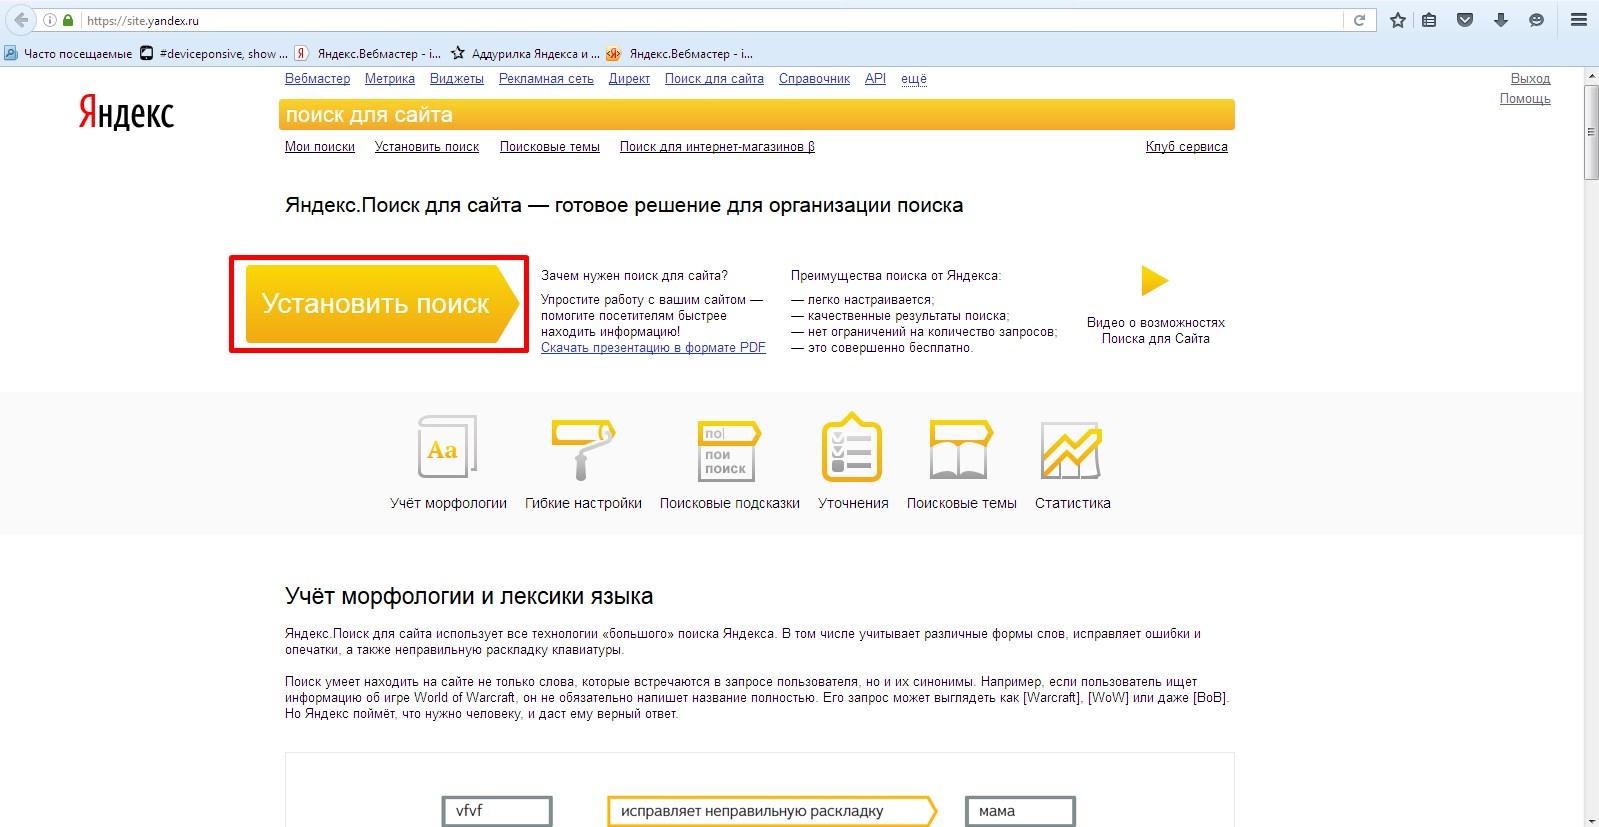 Главная страница Яндекс.Поиск